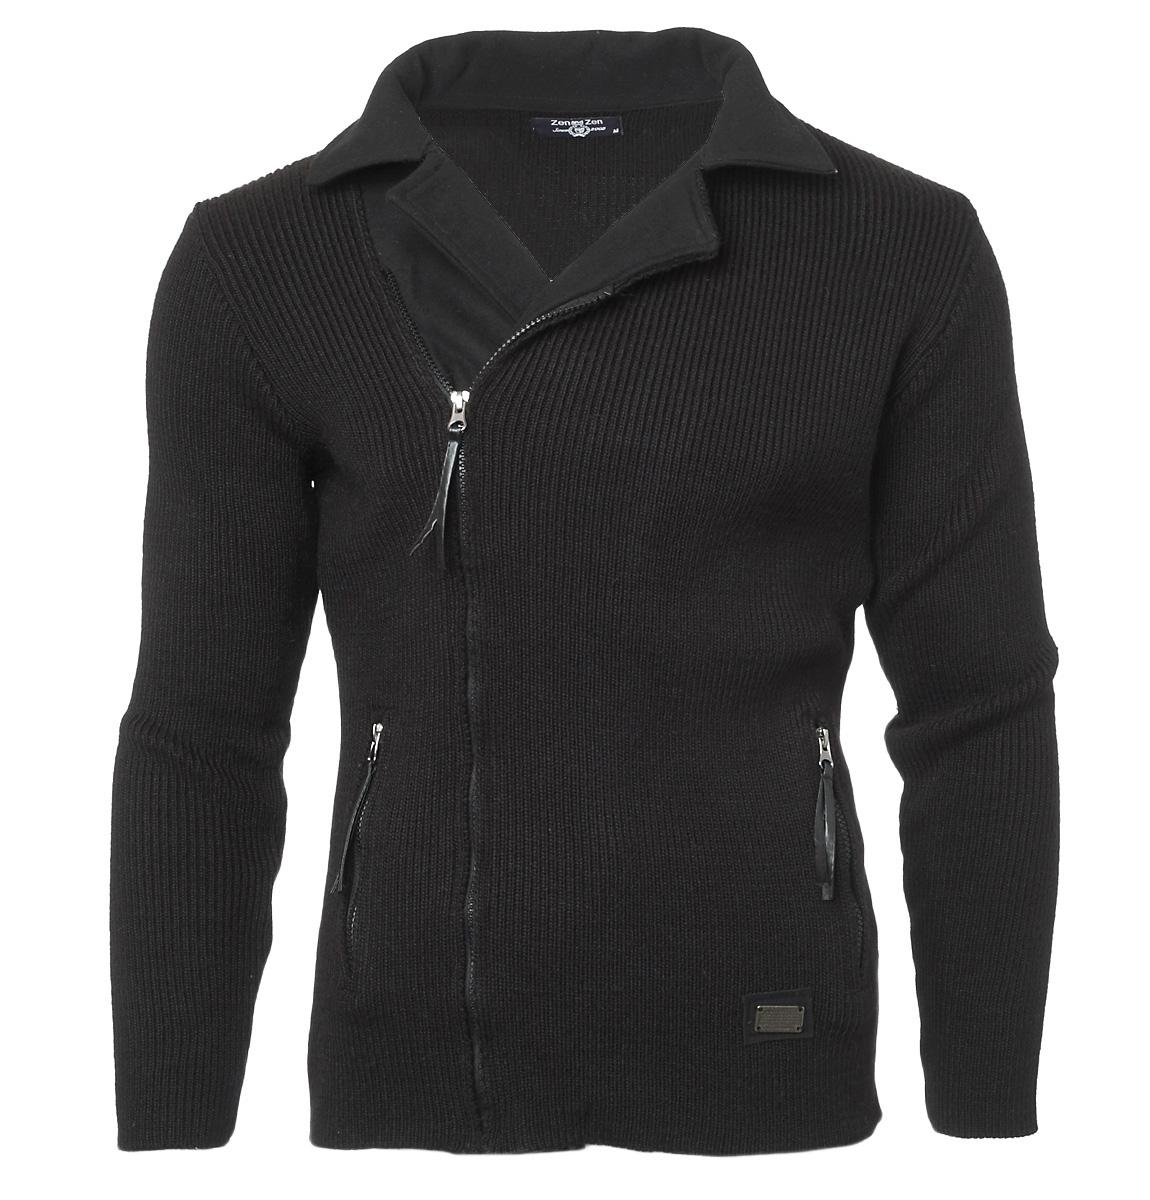 Πλεκτή Ζακέτα Zen Polo-Γκρι Σκούρο αρχική ανδρικά ρούχα ζακέτες